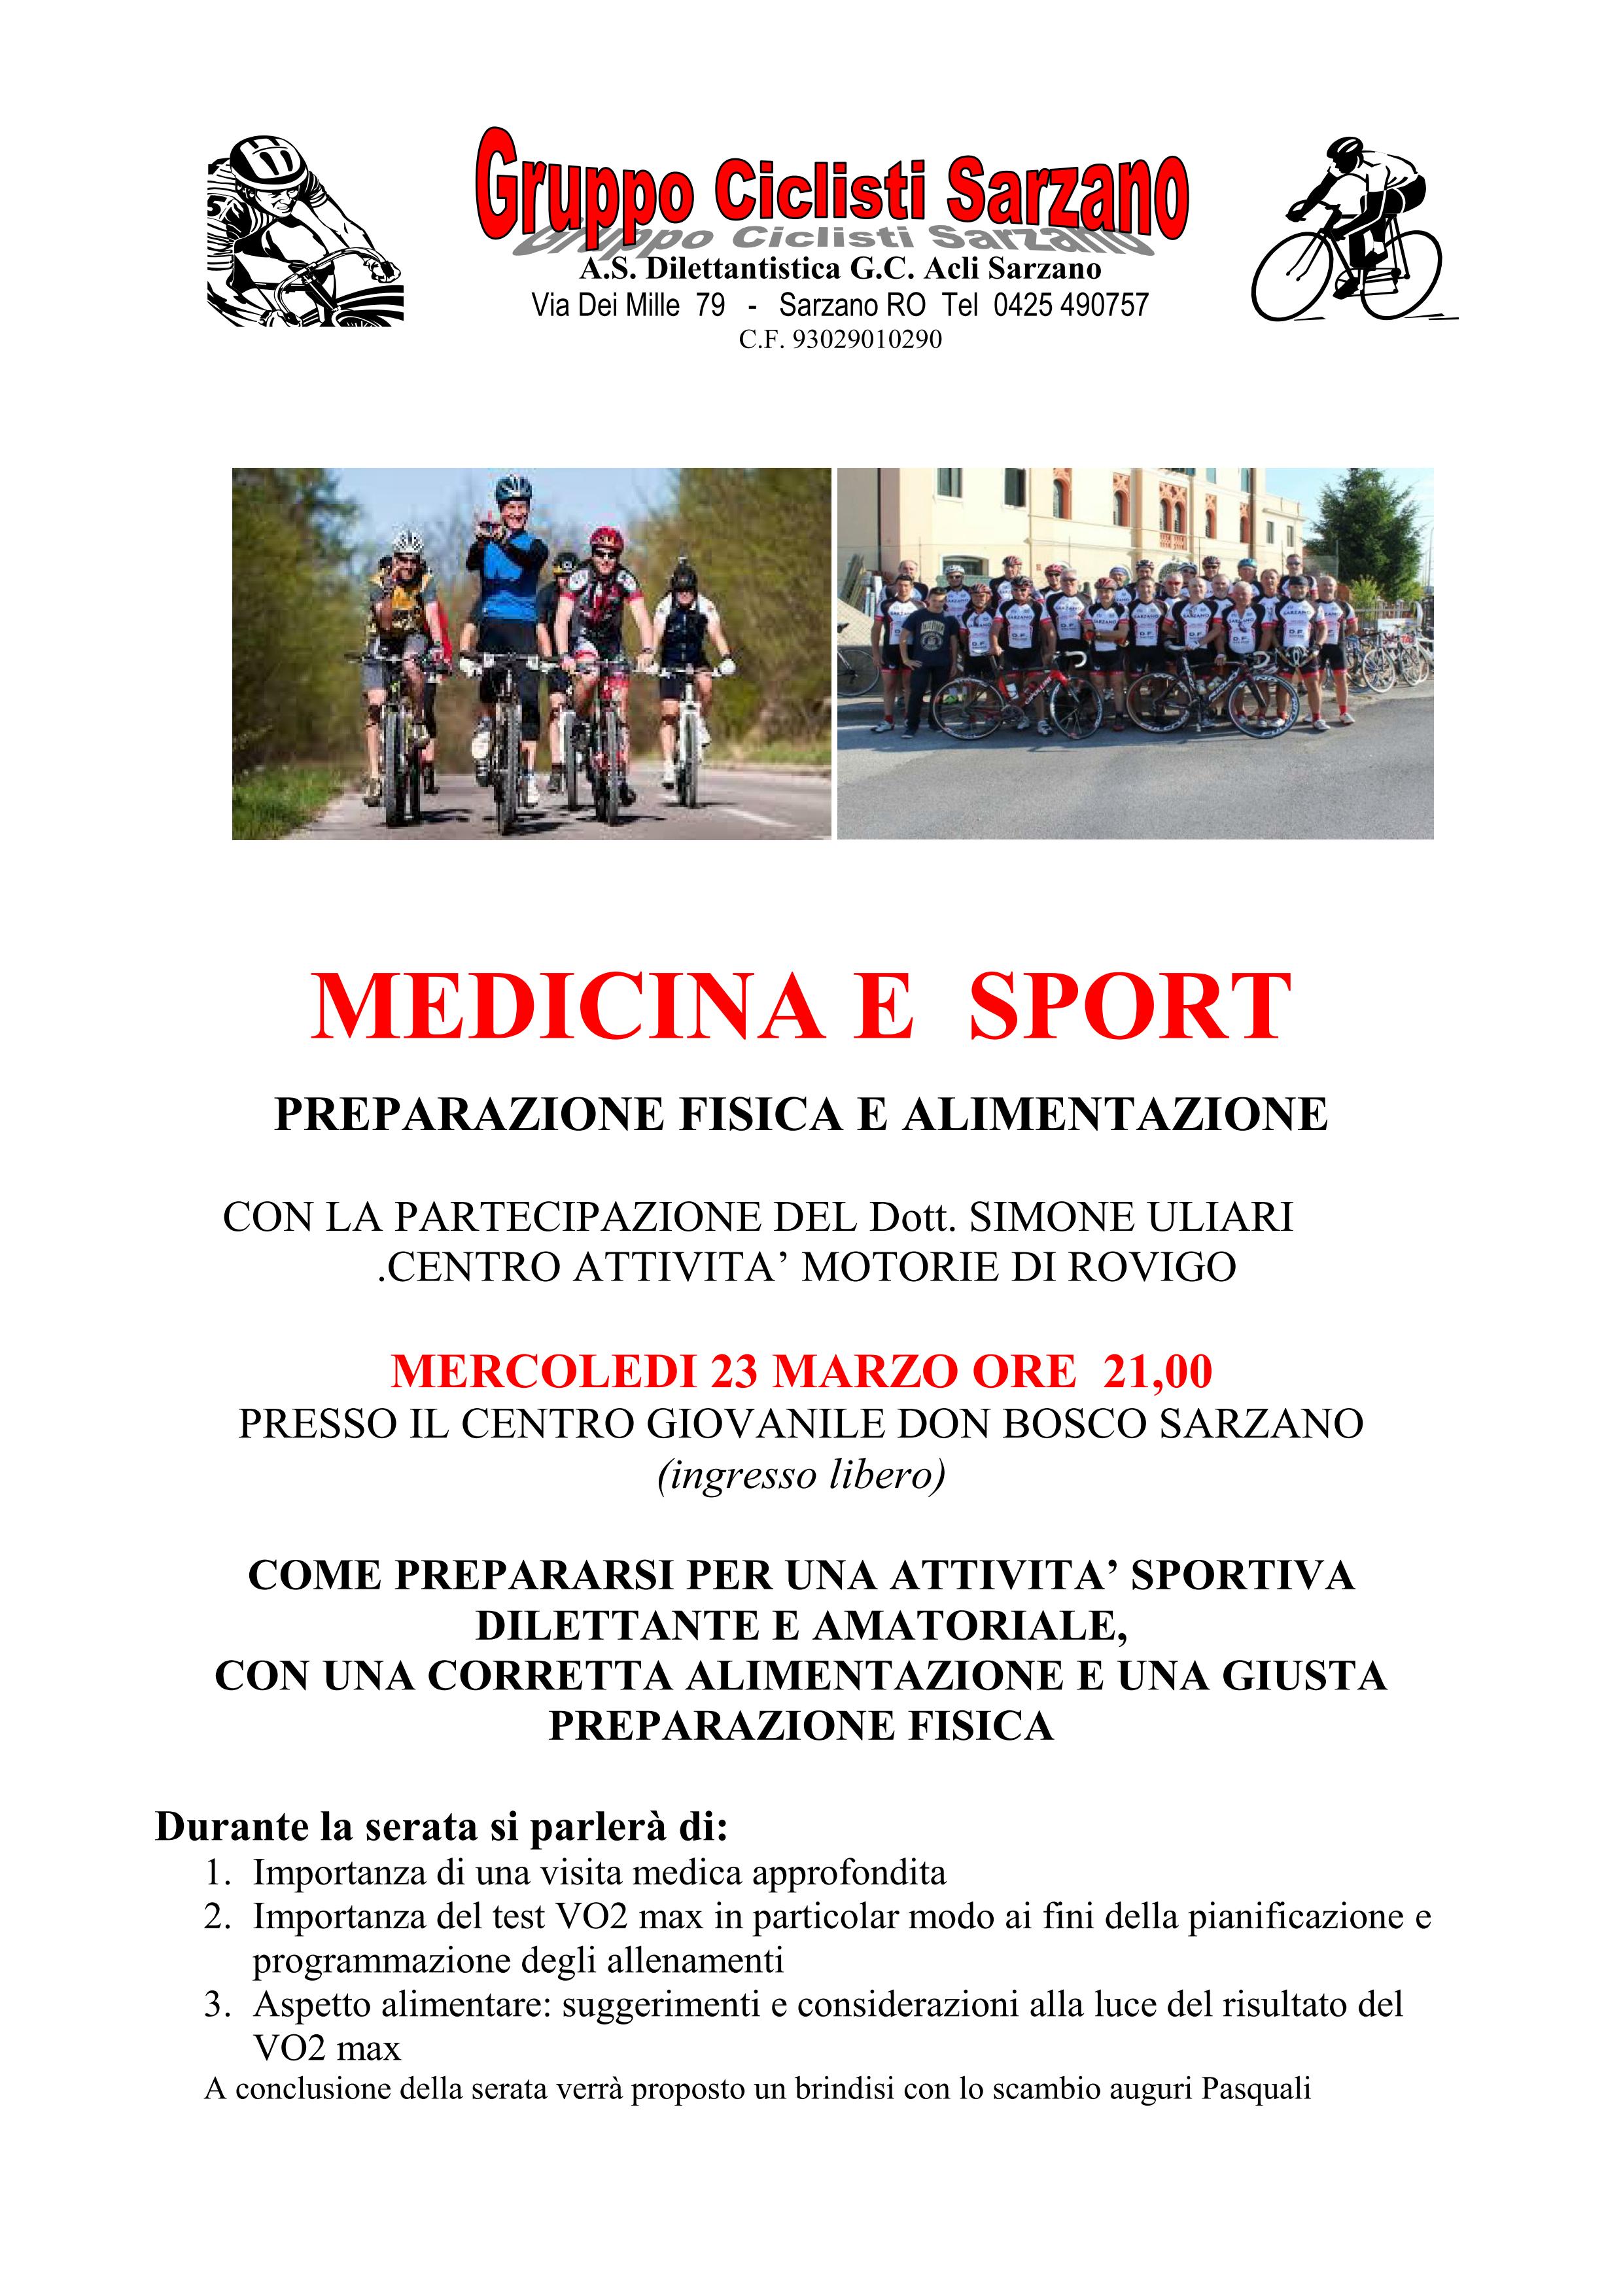 RIUNIONE MEDICO SPOR. 1_01